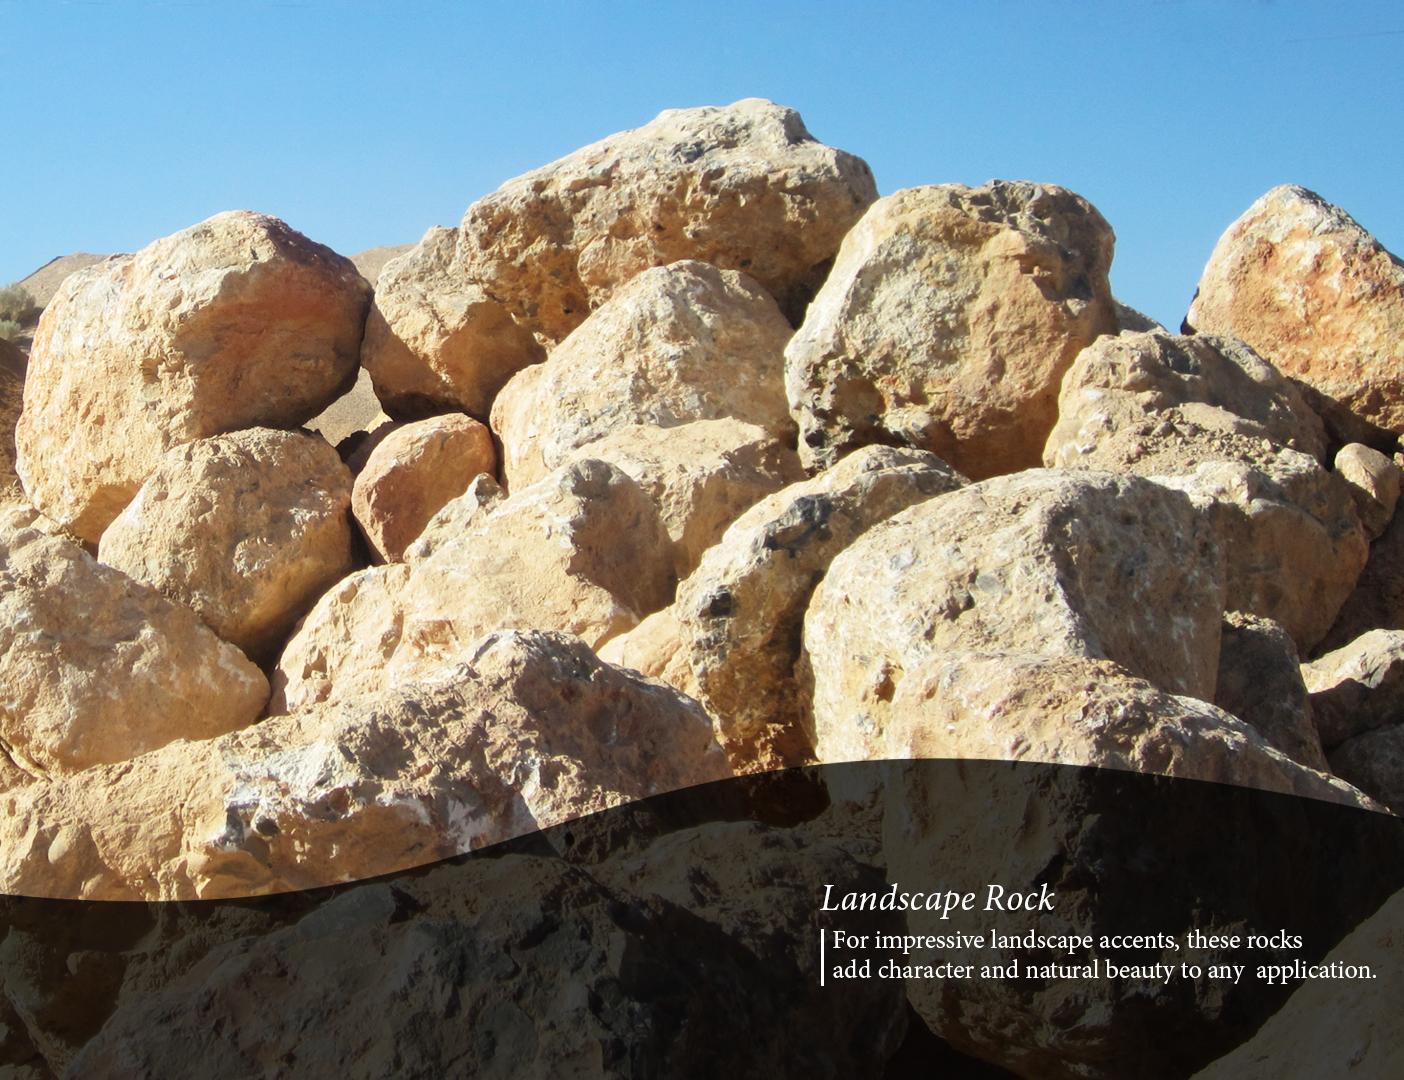 landscaperock.jpg